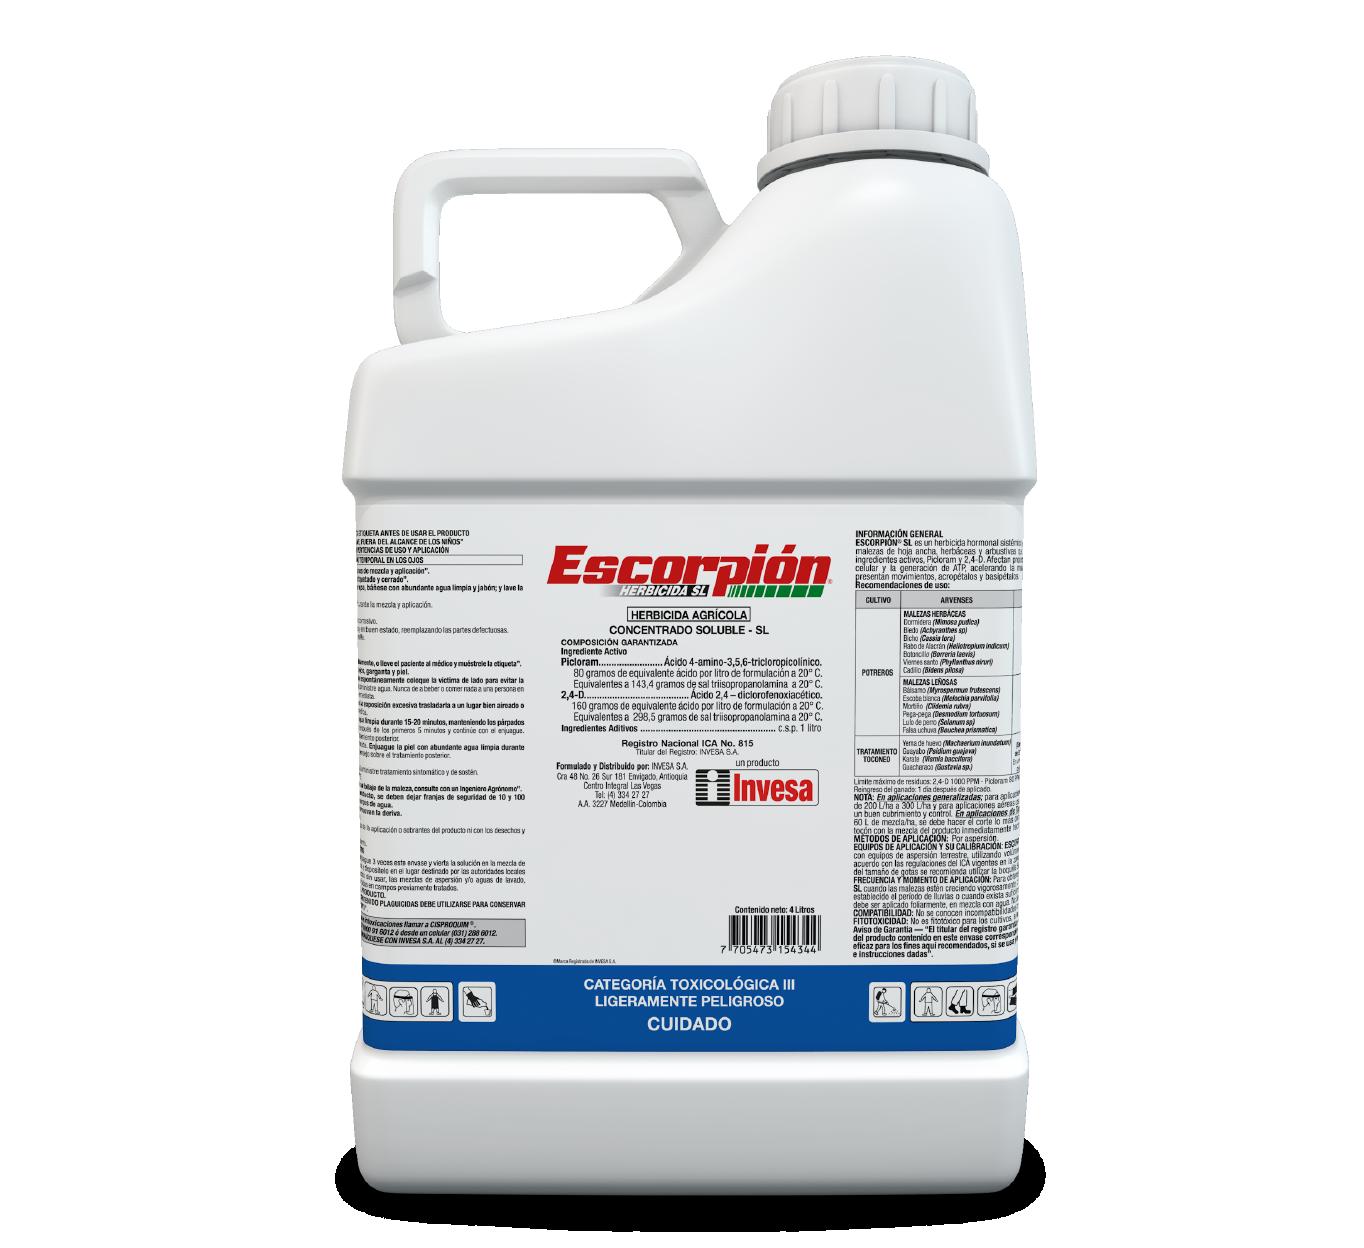 Herbicida escorpion invesa 4 litros